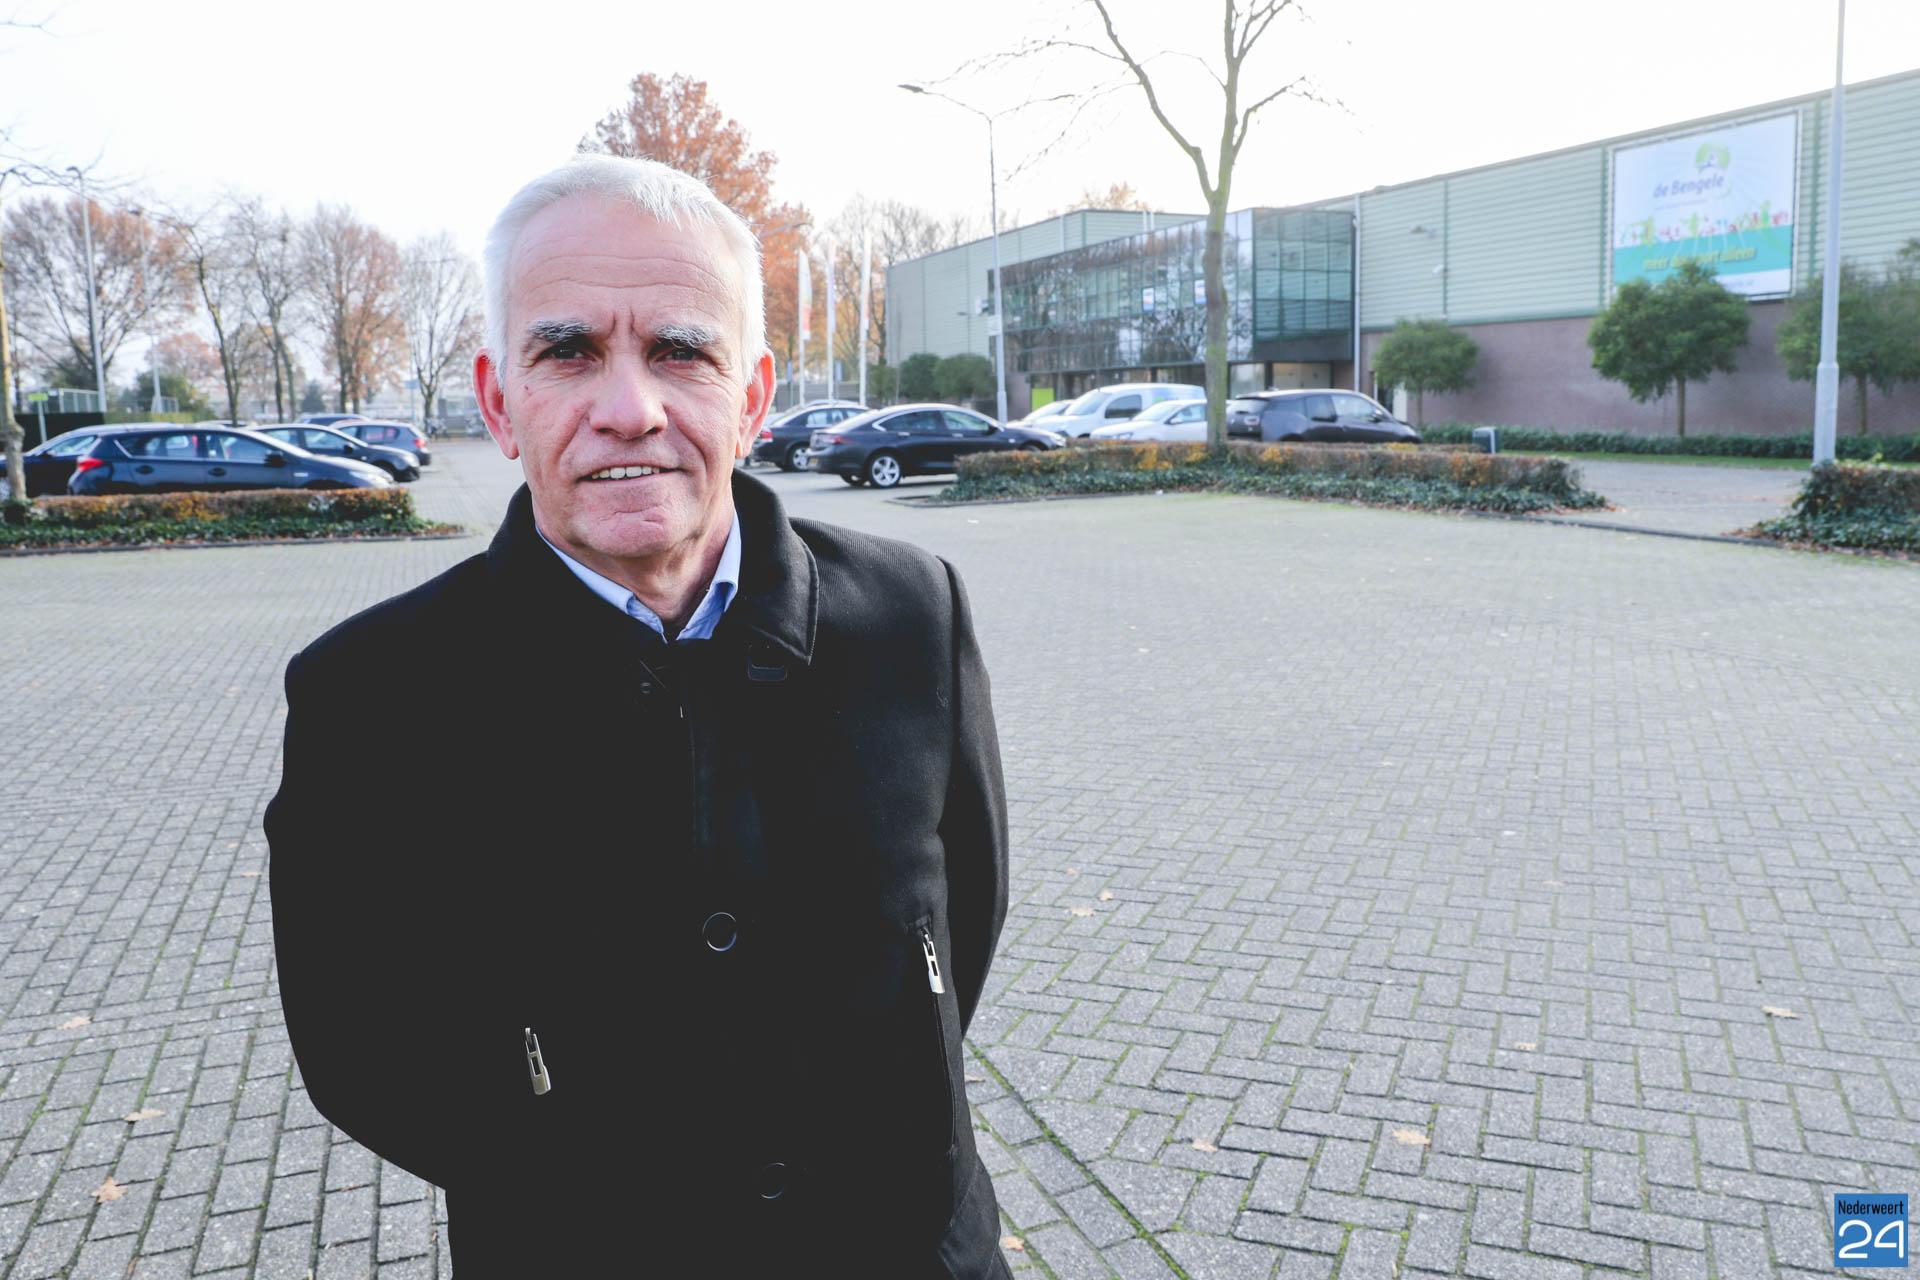 De Bengele Beweegt – Henk Geraats in the spotlight ...